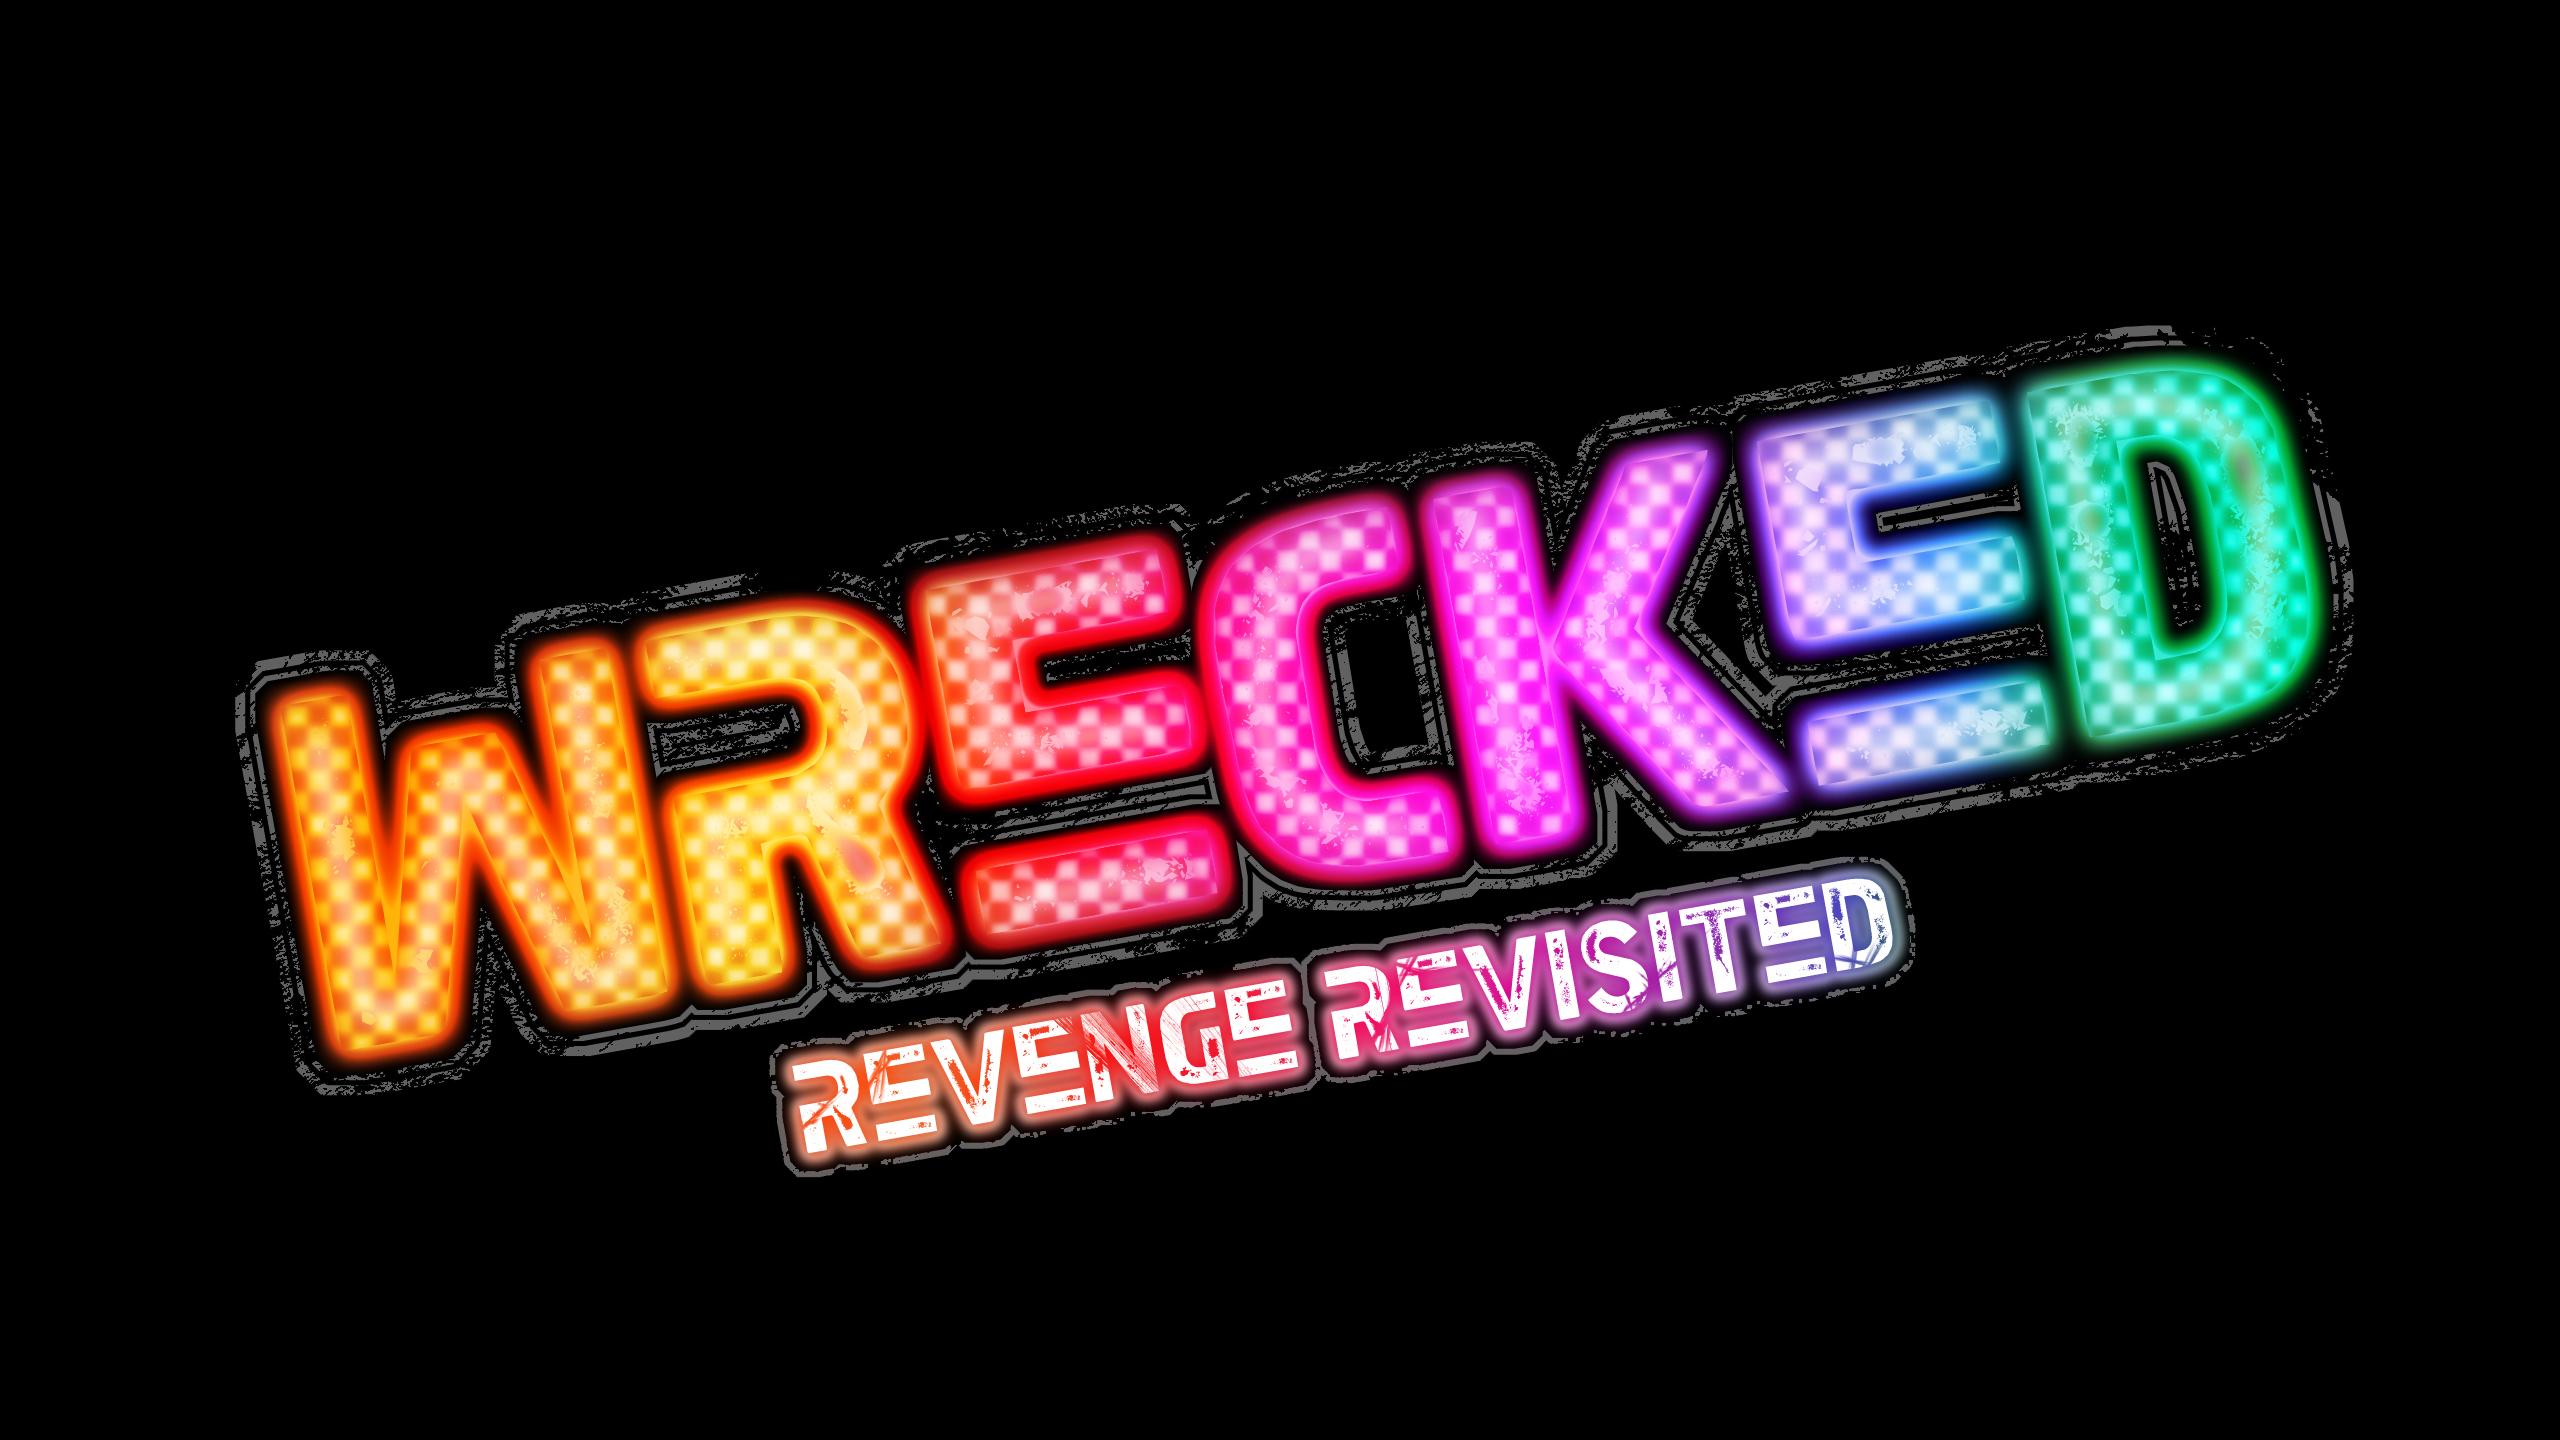 Wrecked: Revenge Revisted